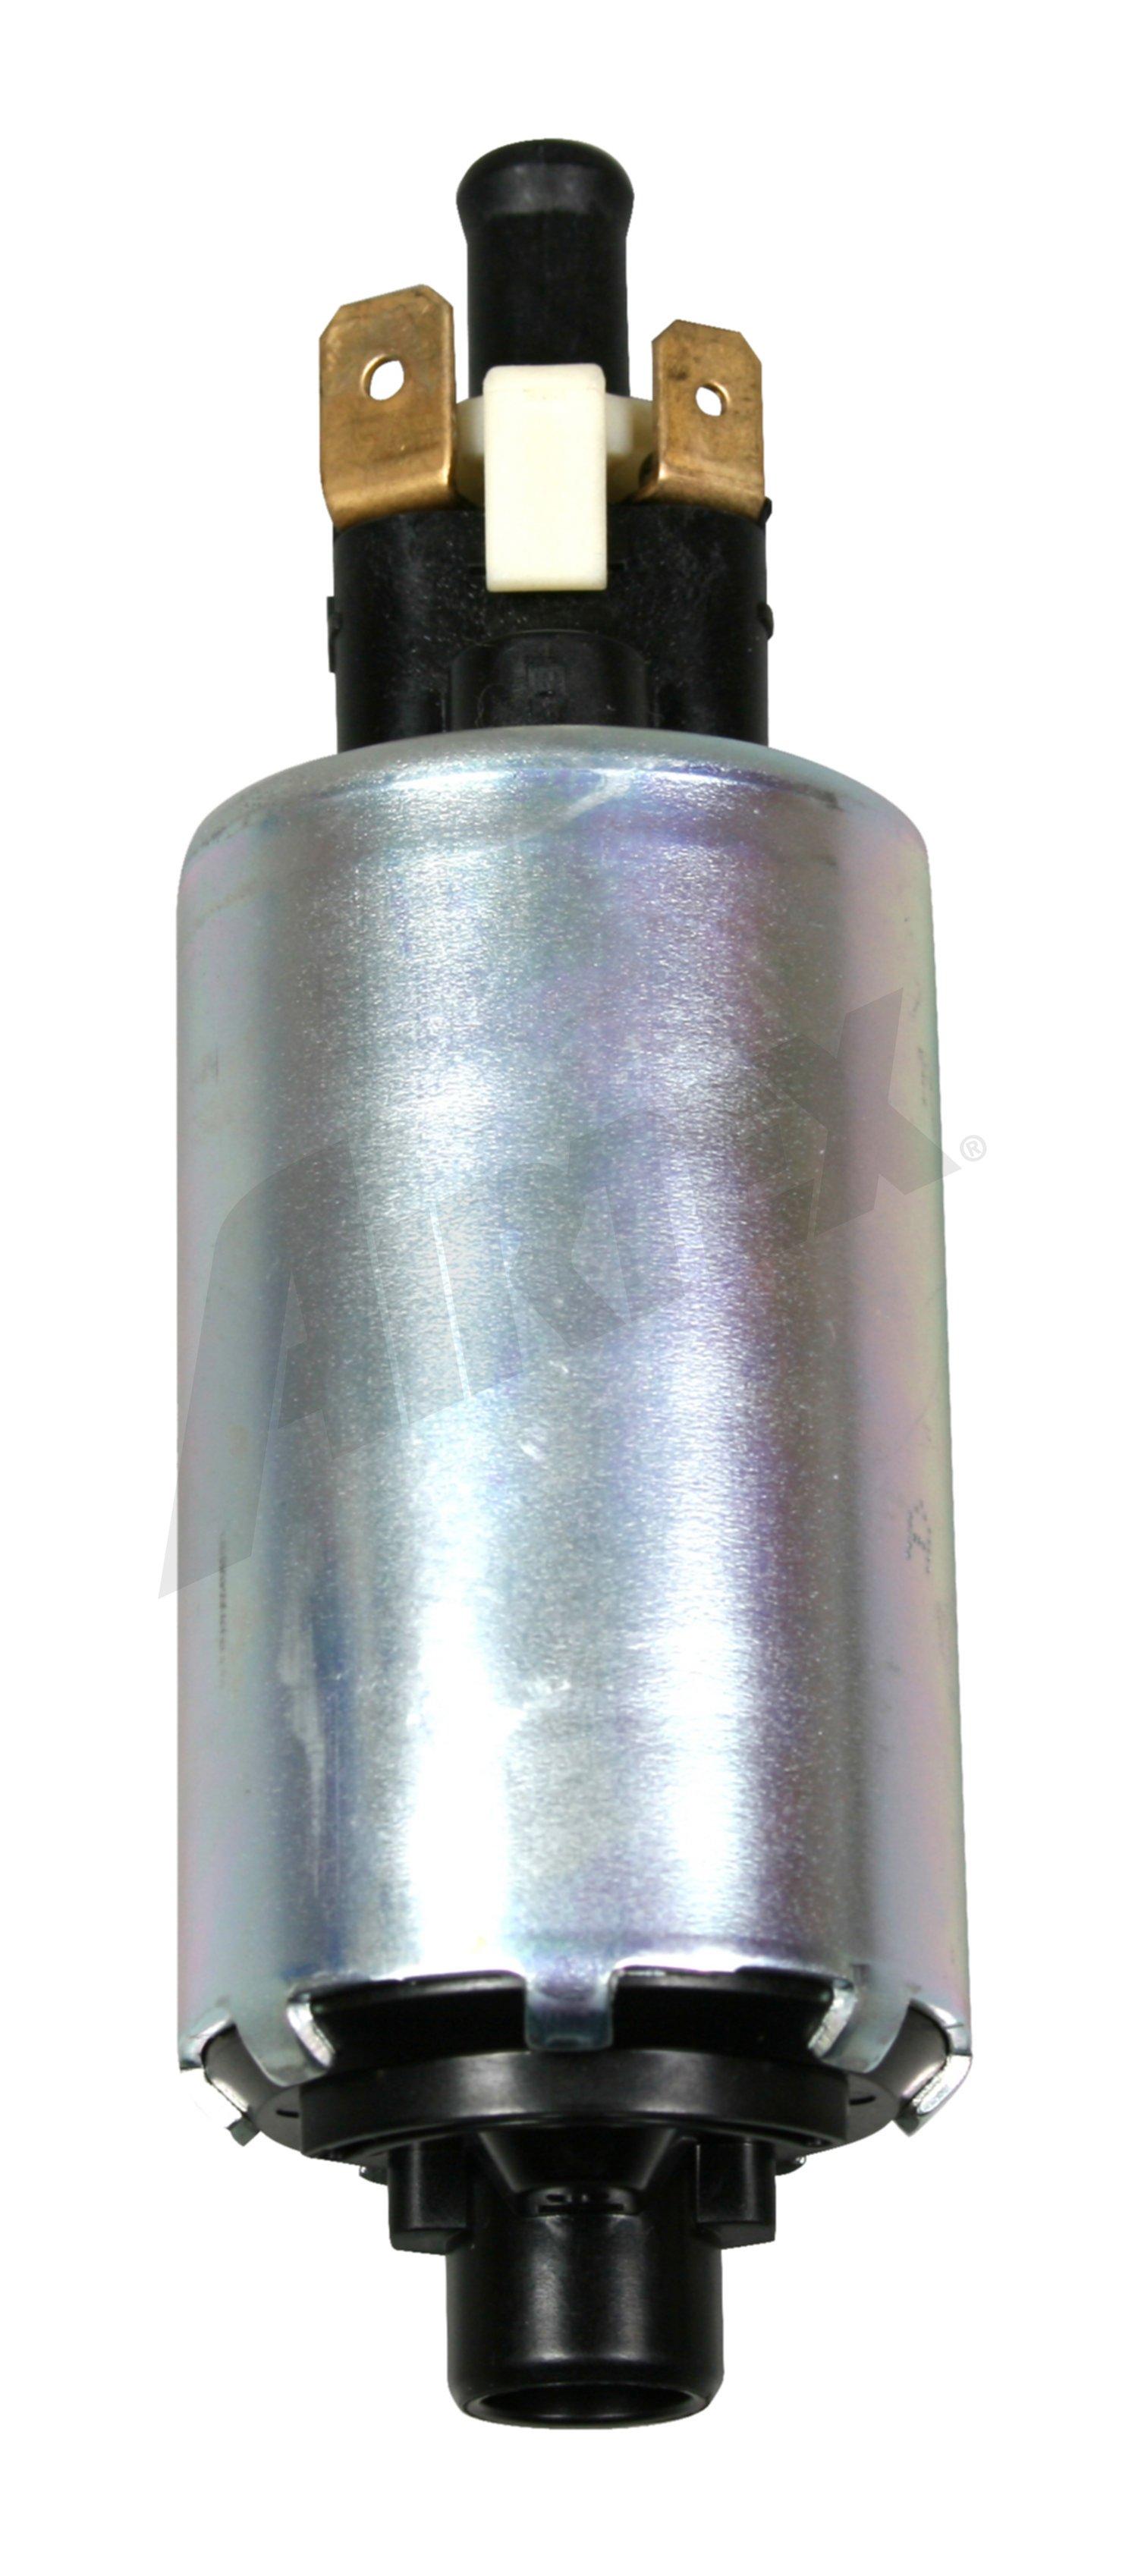 Airtex Fuel Pumps E8076 Electric Fuel Pump Fits 1992-1992 Chevrolet Metro